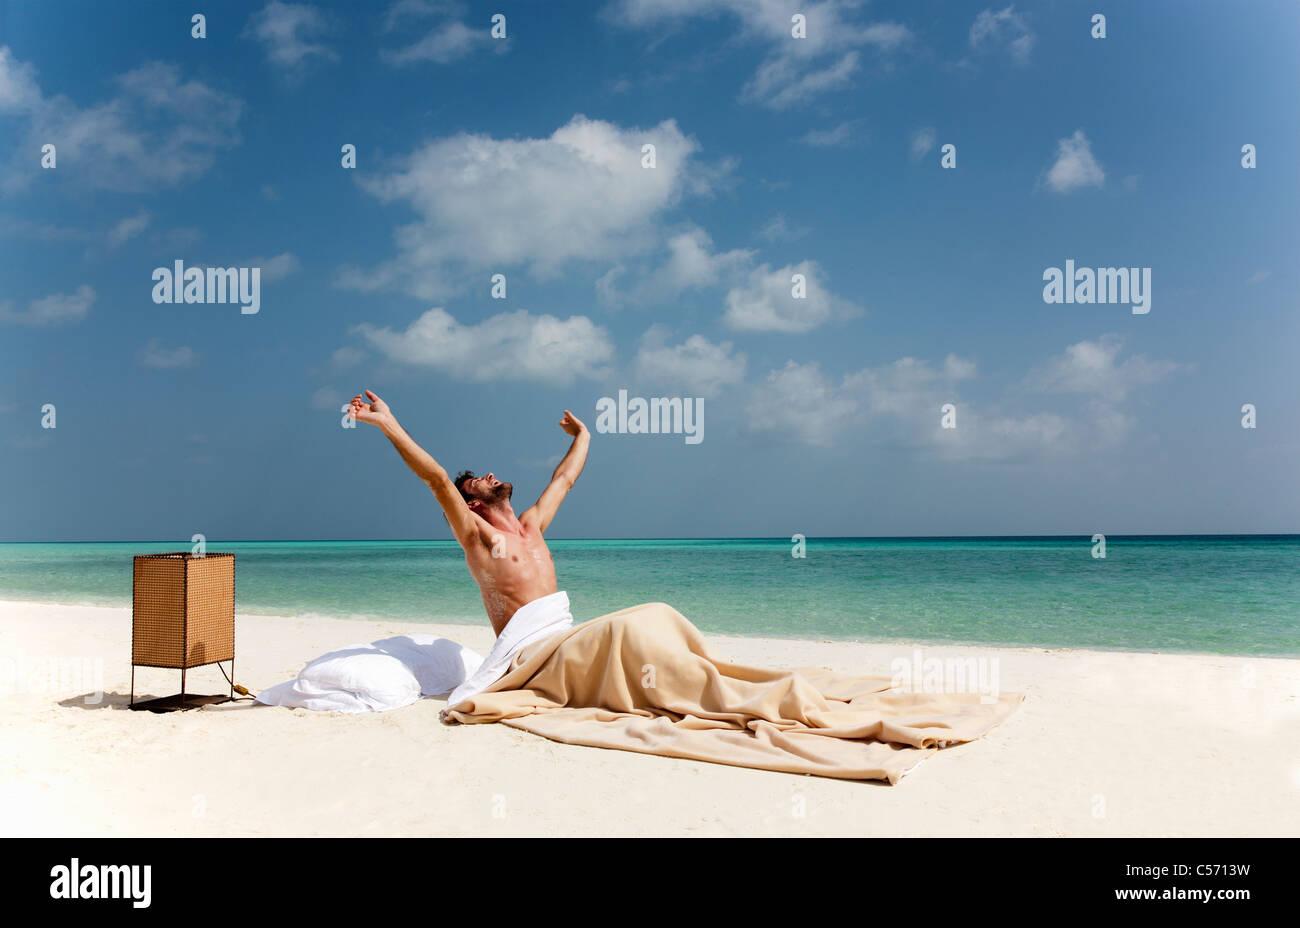 Mann Aufwachen Im Bett Am Strand Stockfoto Bild 37648573 Alamy